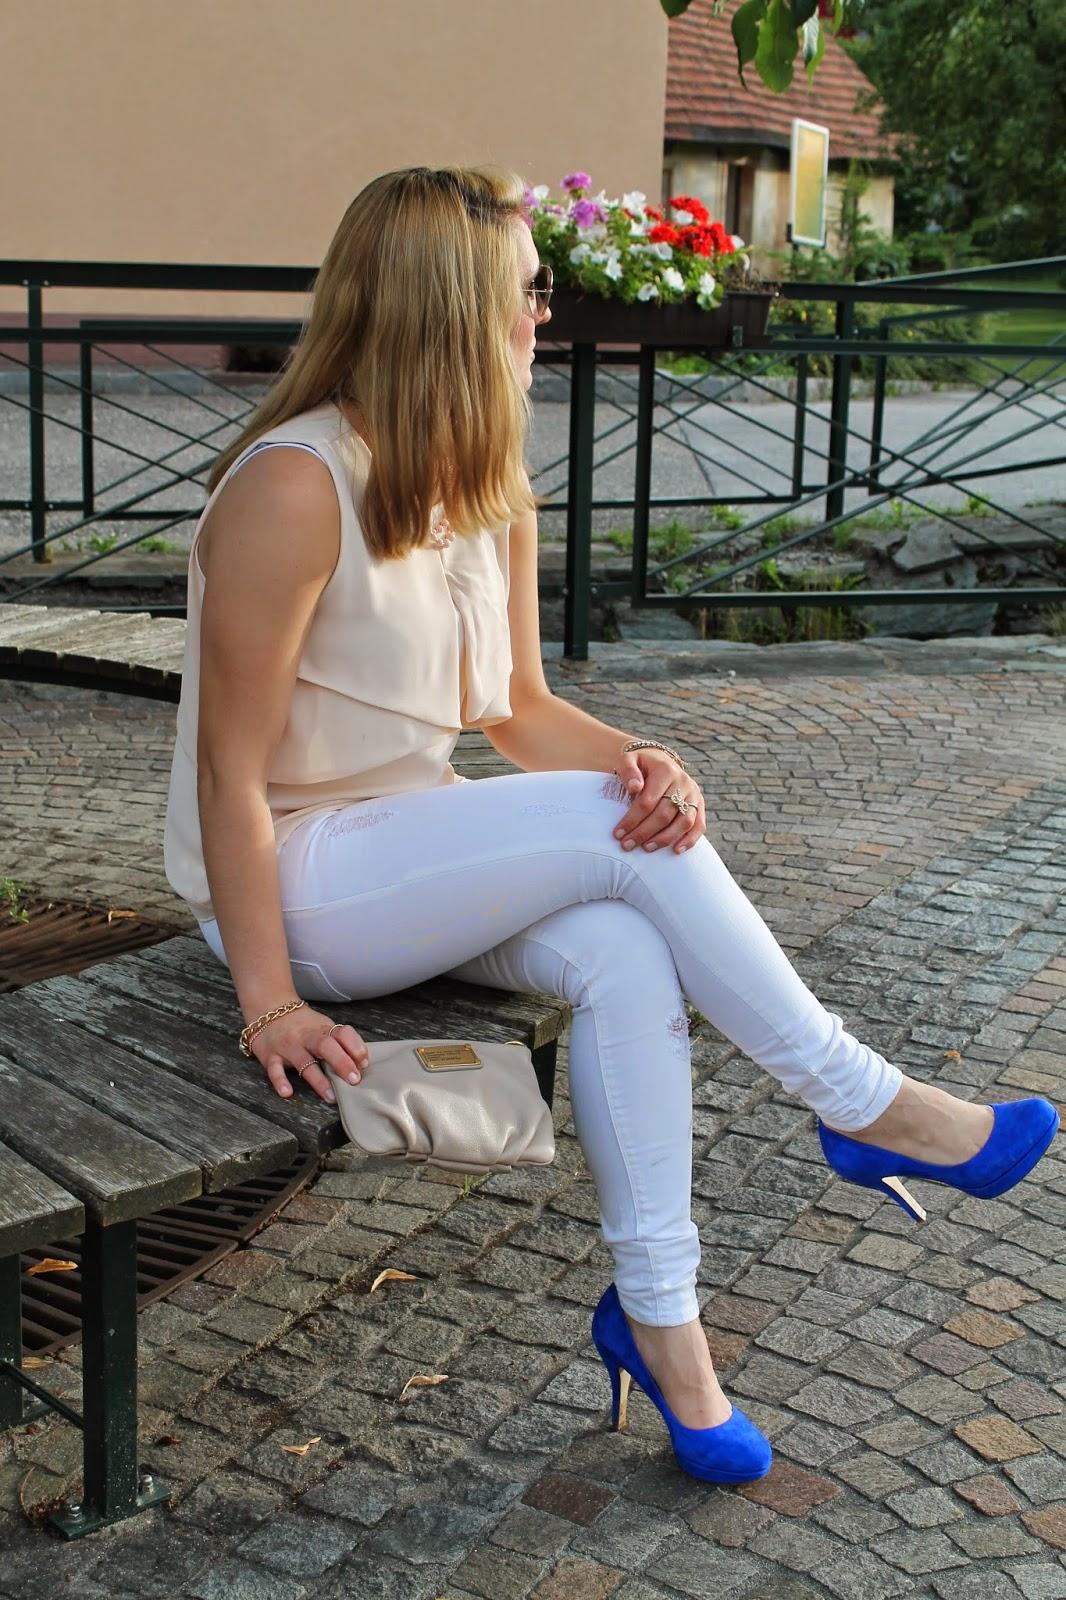 Fashionblogger Austria / Österreich / Deutsch / German / Kärnten / Carinthia / Klagenfurt / Köttmannsdorf / Spring Look / Classy / Edgy / Summer / Summer Style 2014 / Summer Look / Fashionista Look / Mango / Deichmann / Marc by Marc Jacobs / Forever 18 / Ray Ban / DM / H&M / Zara /